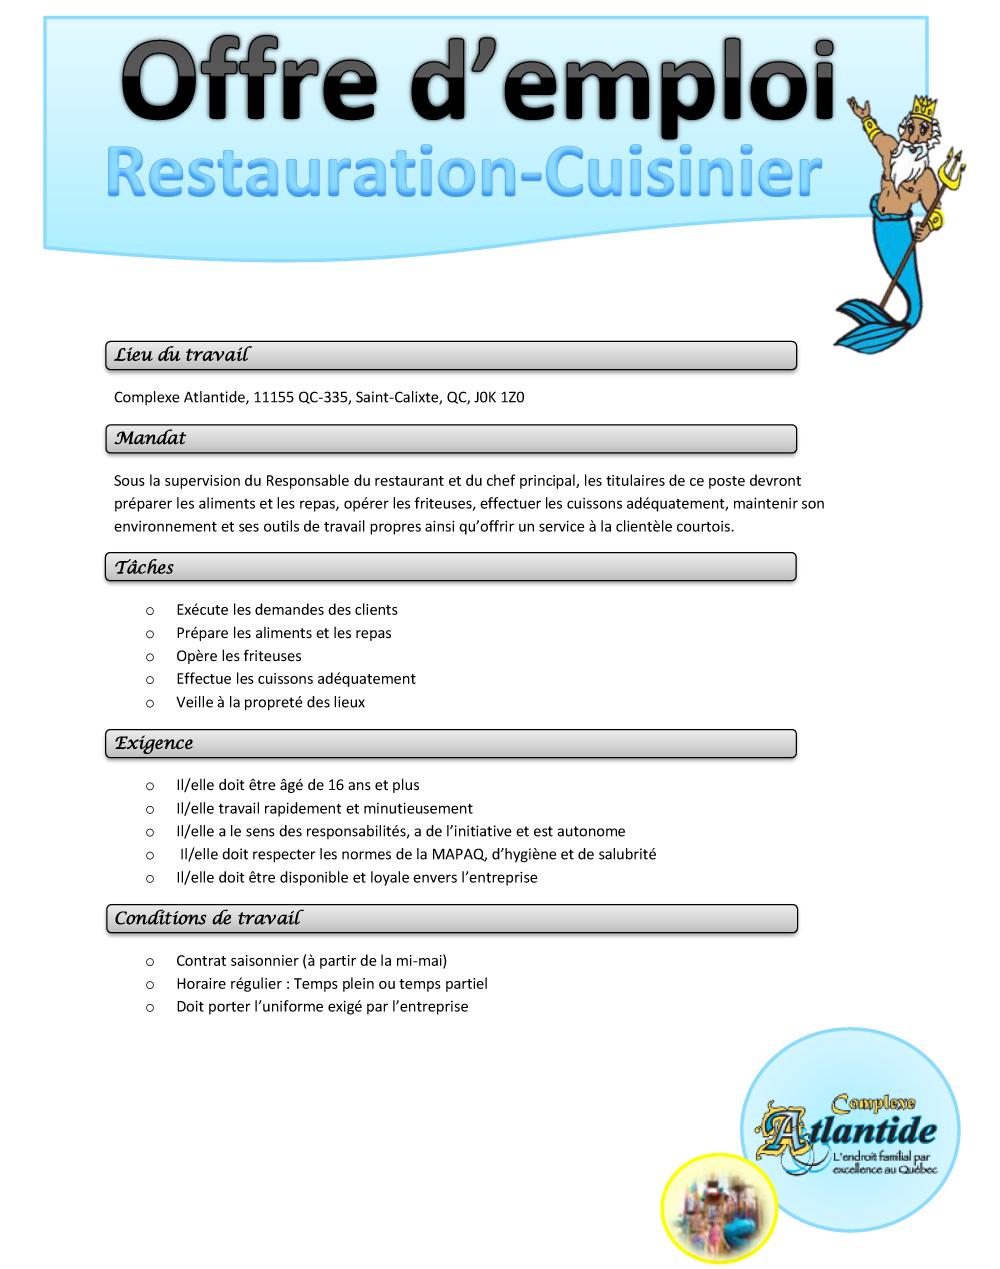 restauration-cuisinier